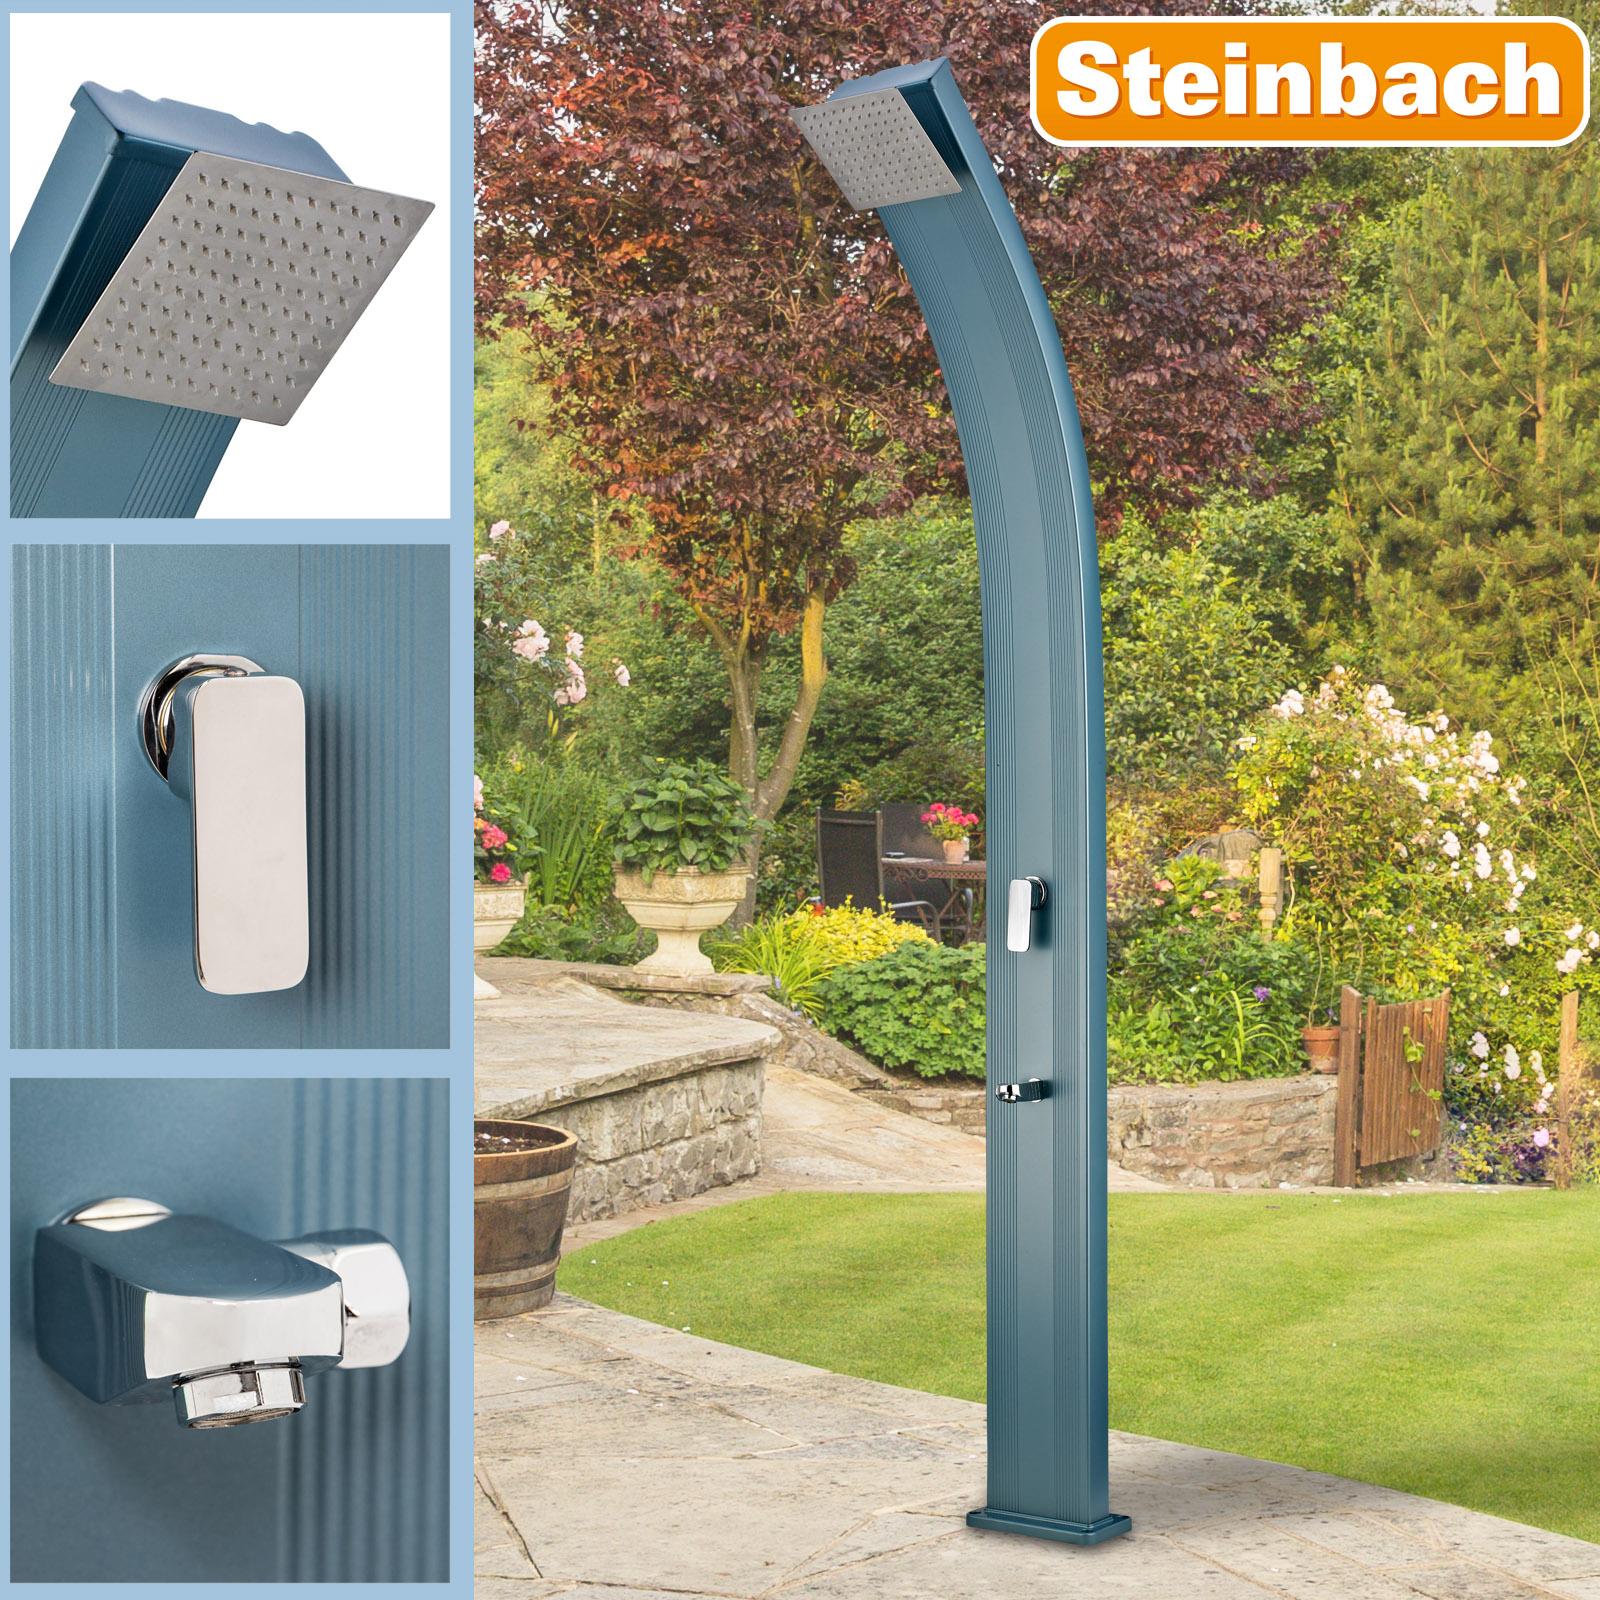 Steinbach Solardusche Slim Line Deluxe blau 49047